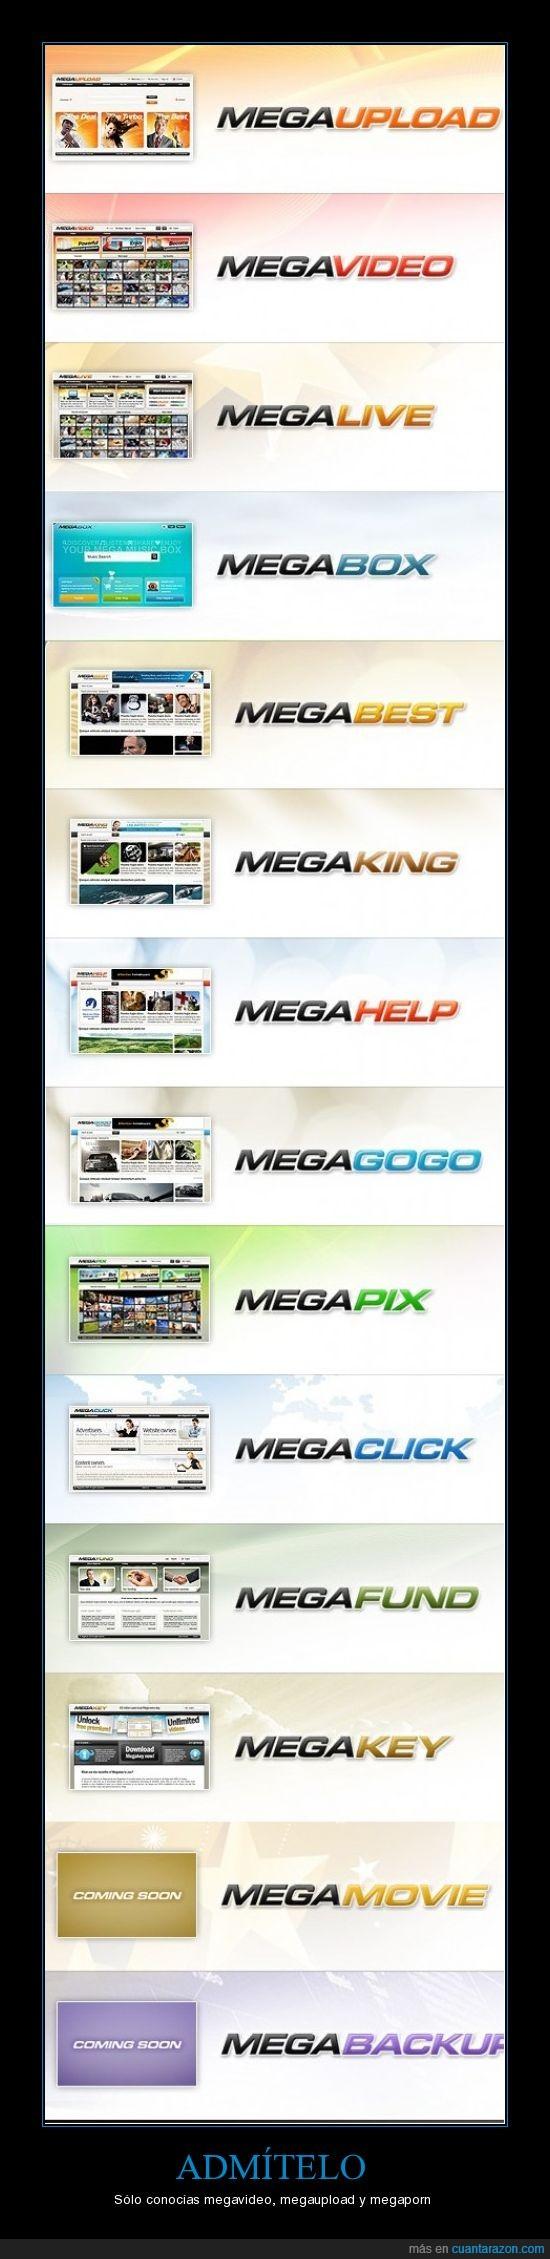 admitelo,mega,megafamily,megaupload